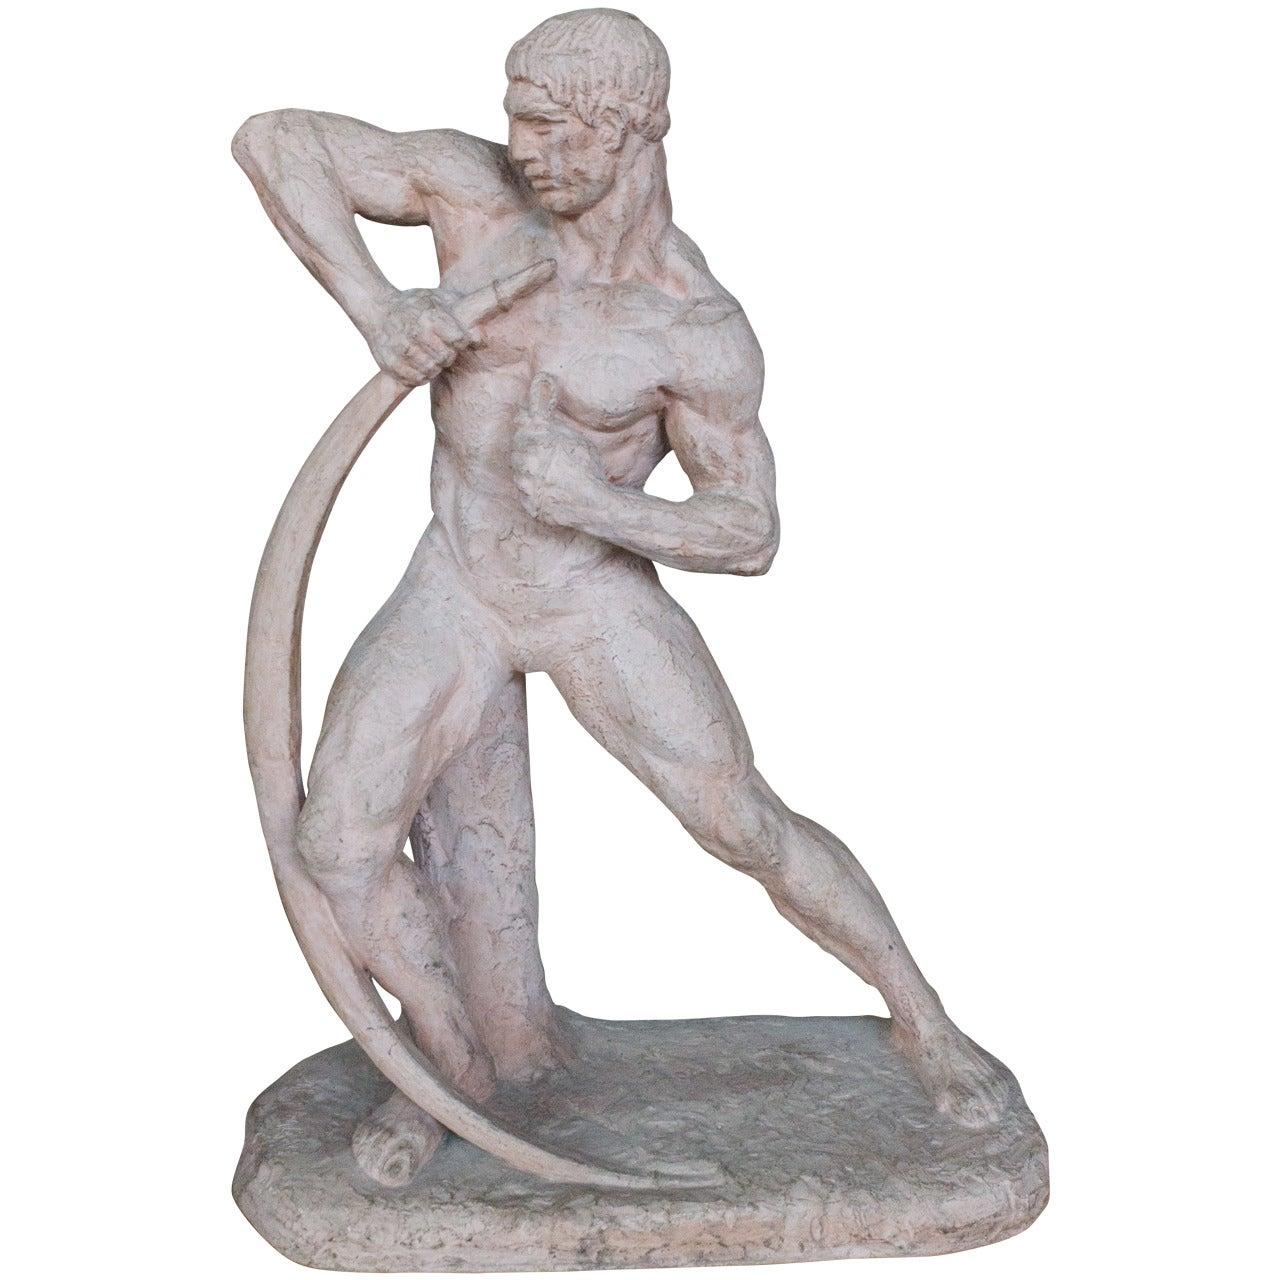 Art Deco Sculpture by Henri Bargas